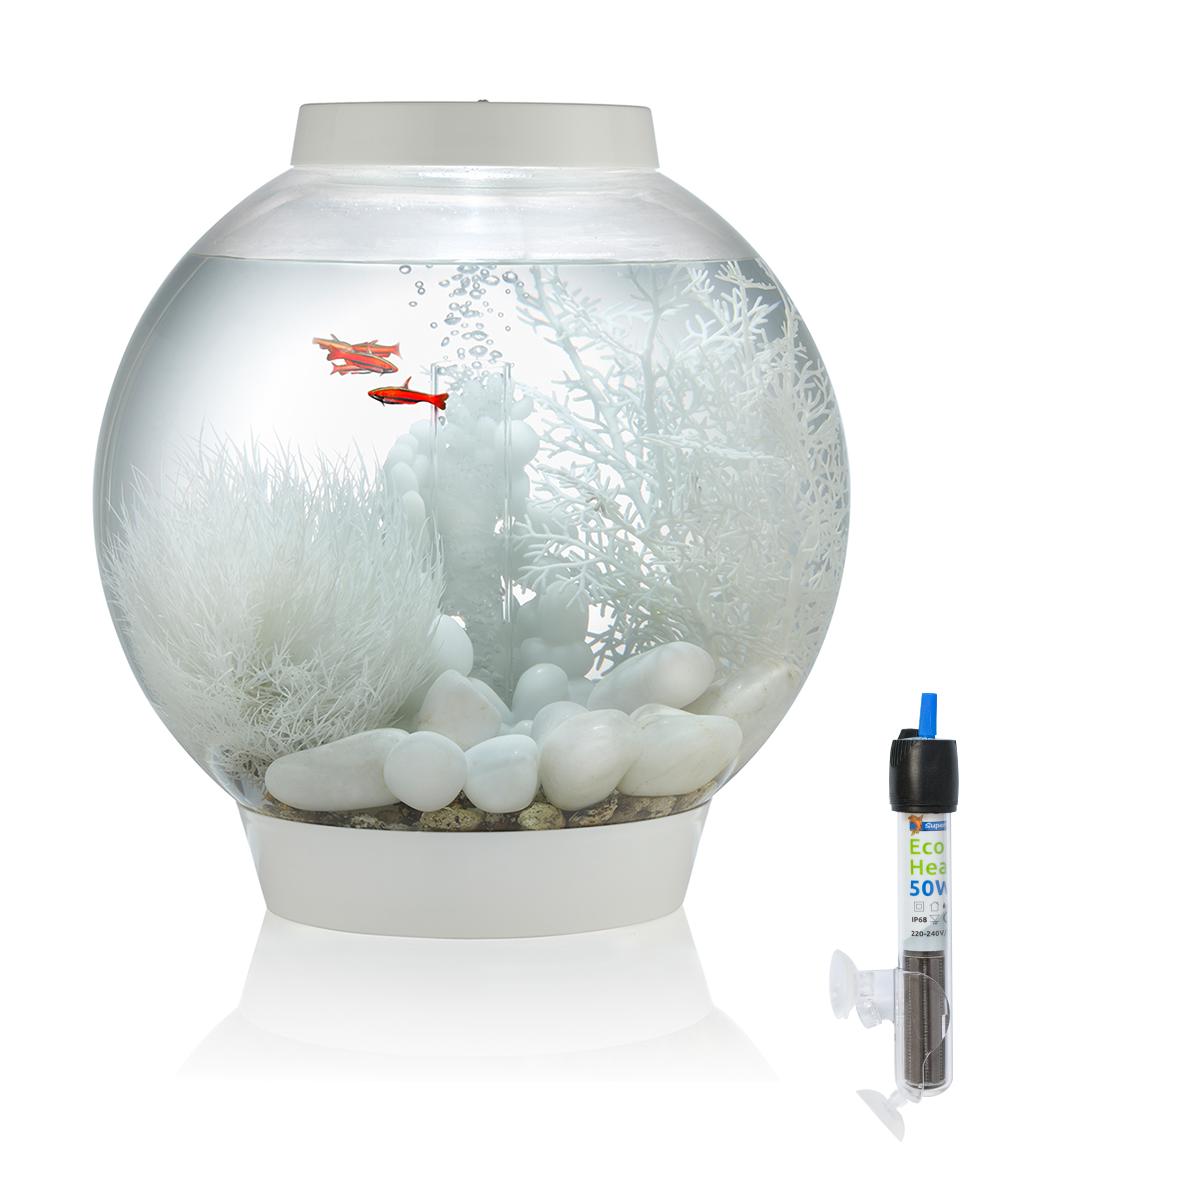 thumbnail 22 - BIORB CLASSIC AQUARIUM ACRYLIC FISH TANK COMPLETE SETUP LED LIGHTING FILTER UNIT